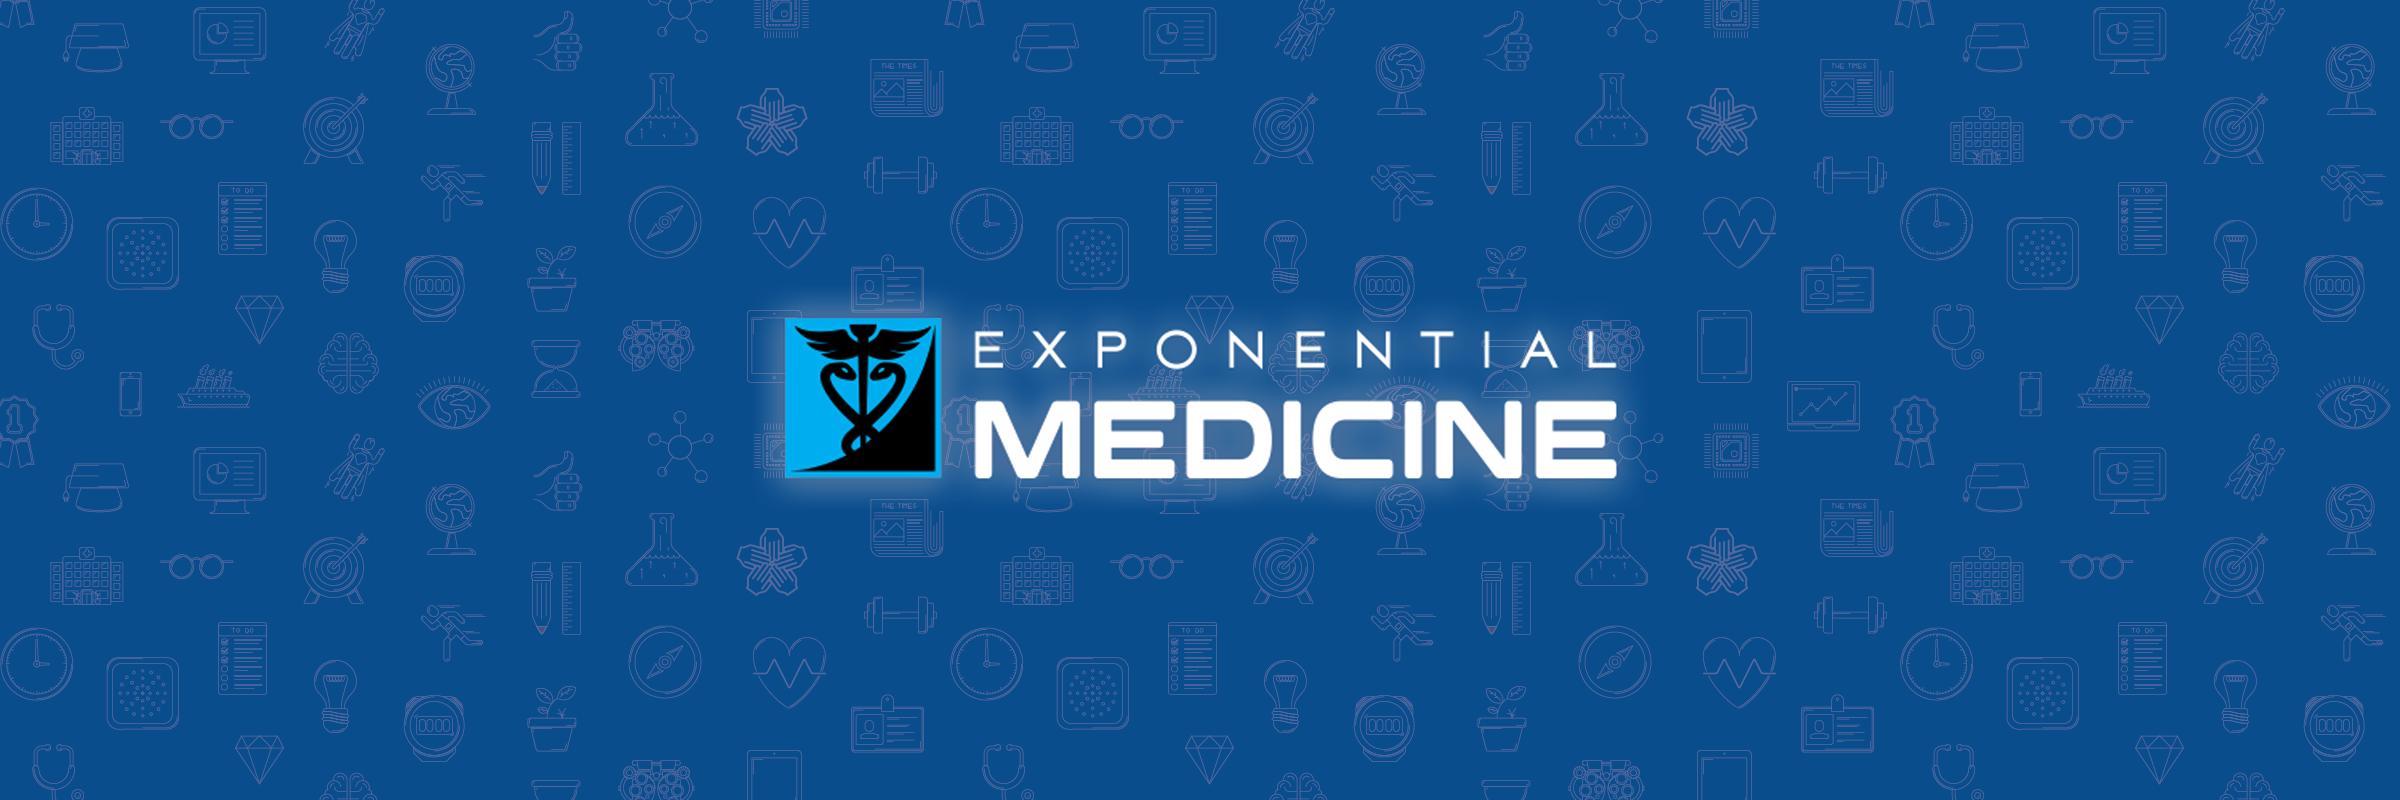 blog_exponentialmedicine